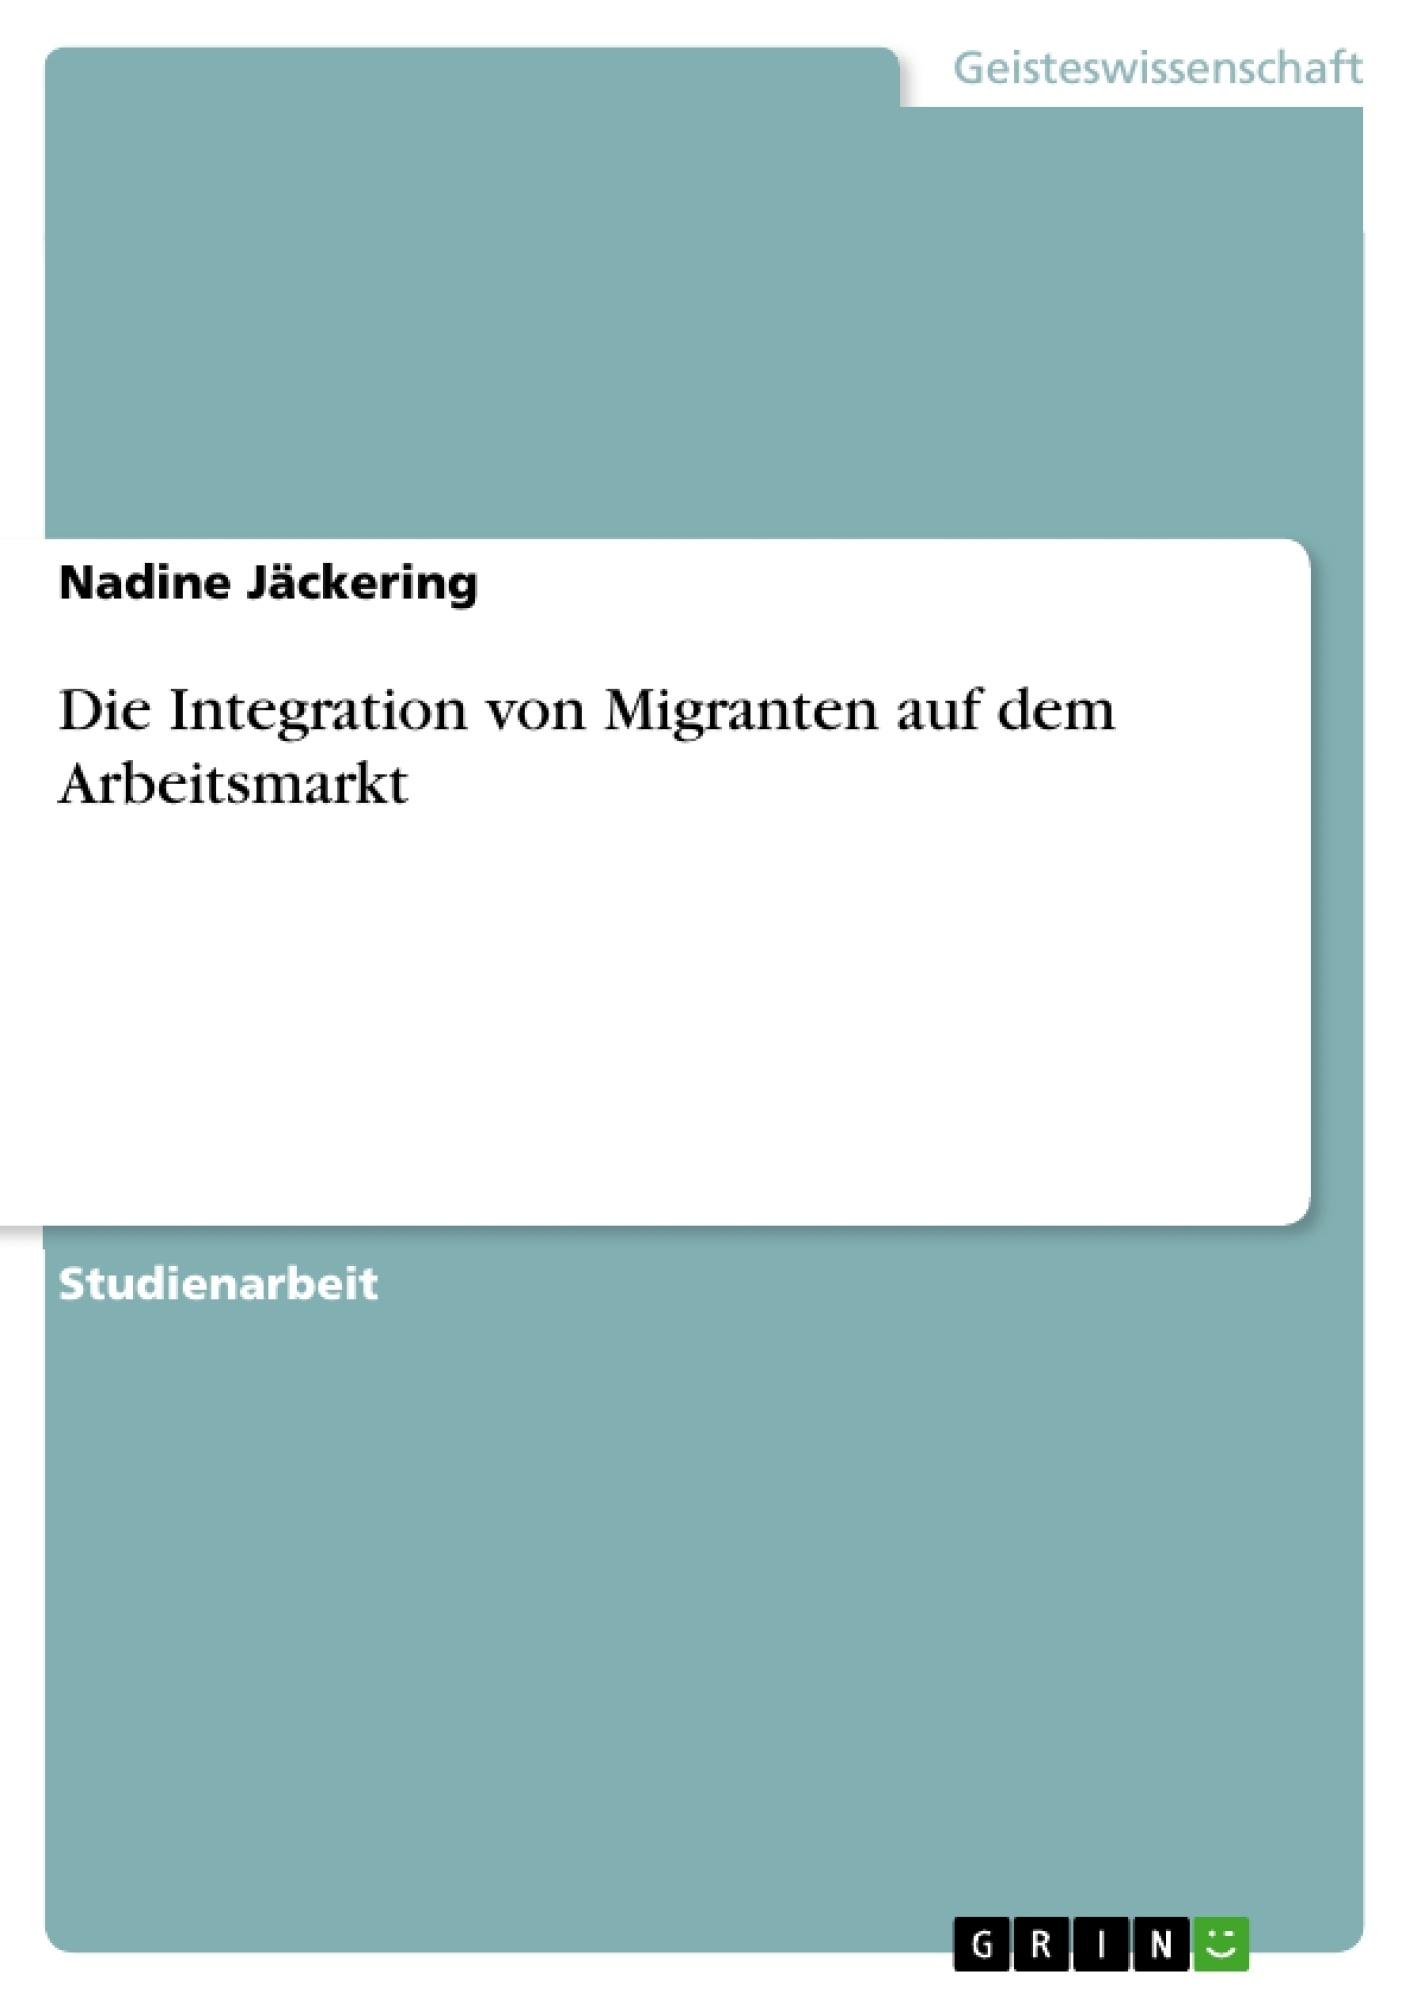 Titel: Die Integration von Migranten auf dem Arbeitsmarkt